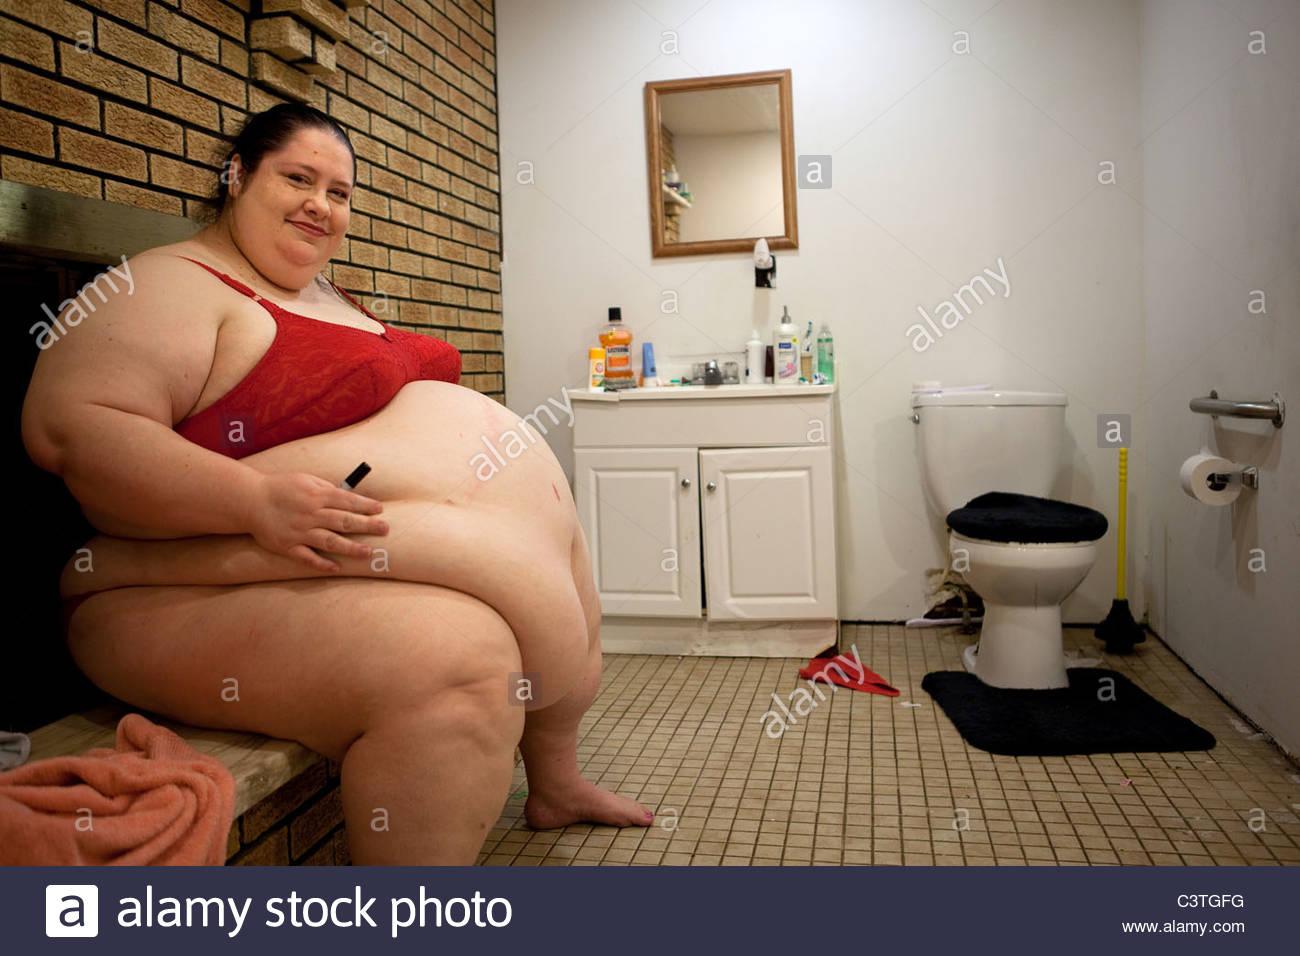 порно видео толстый член бесплатно